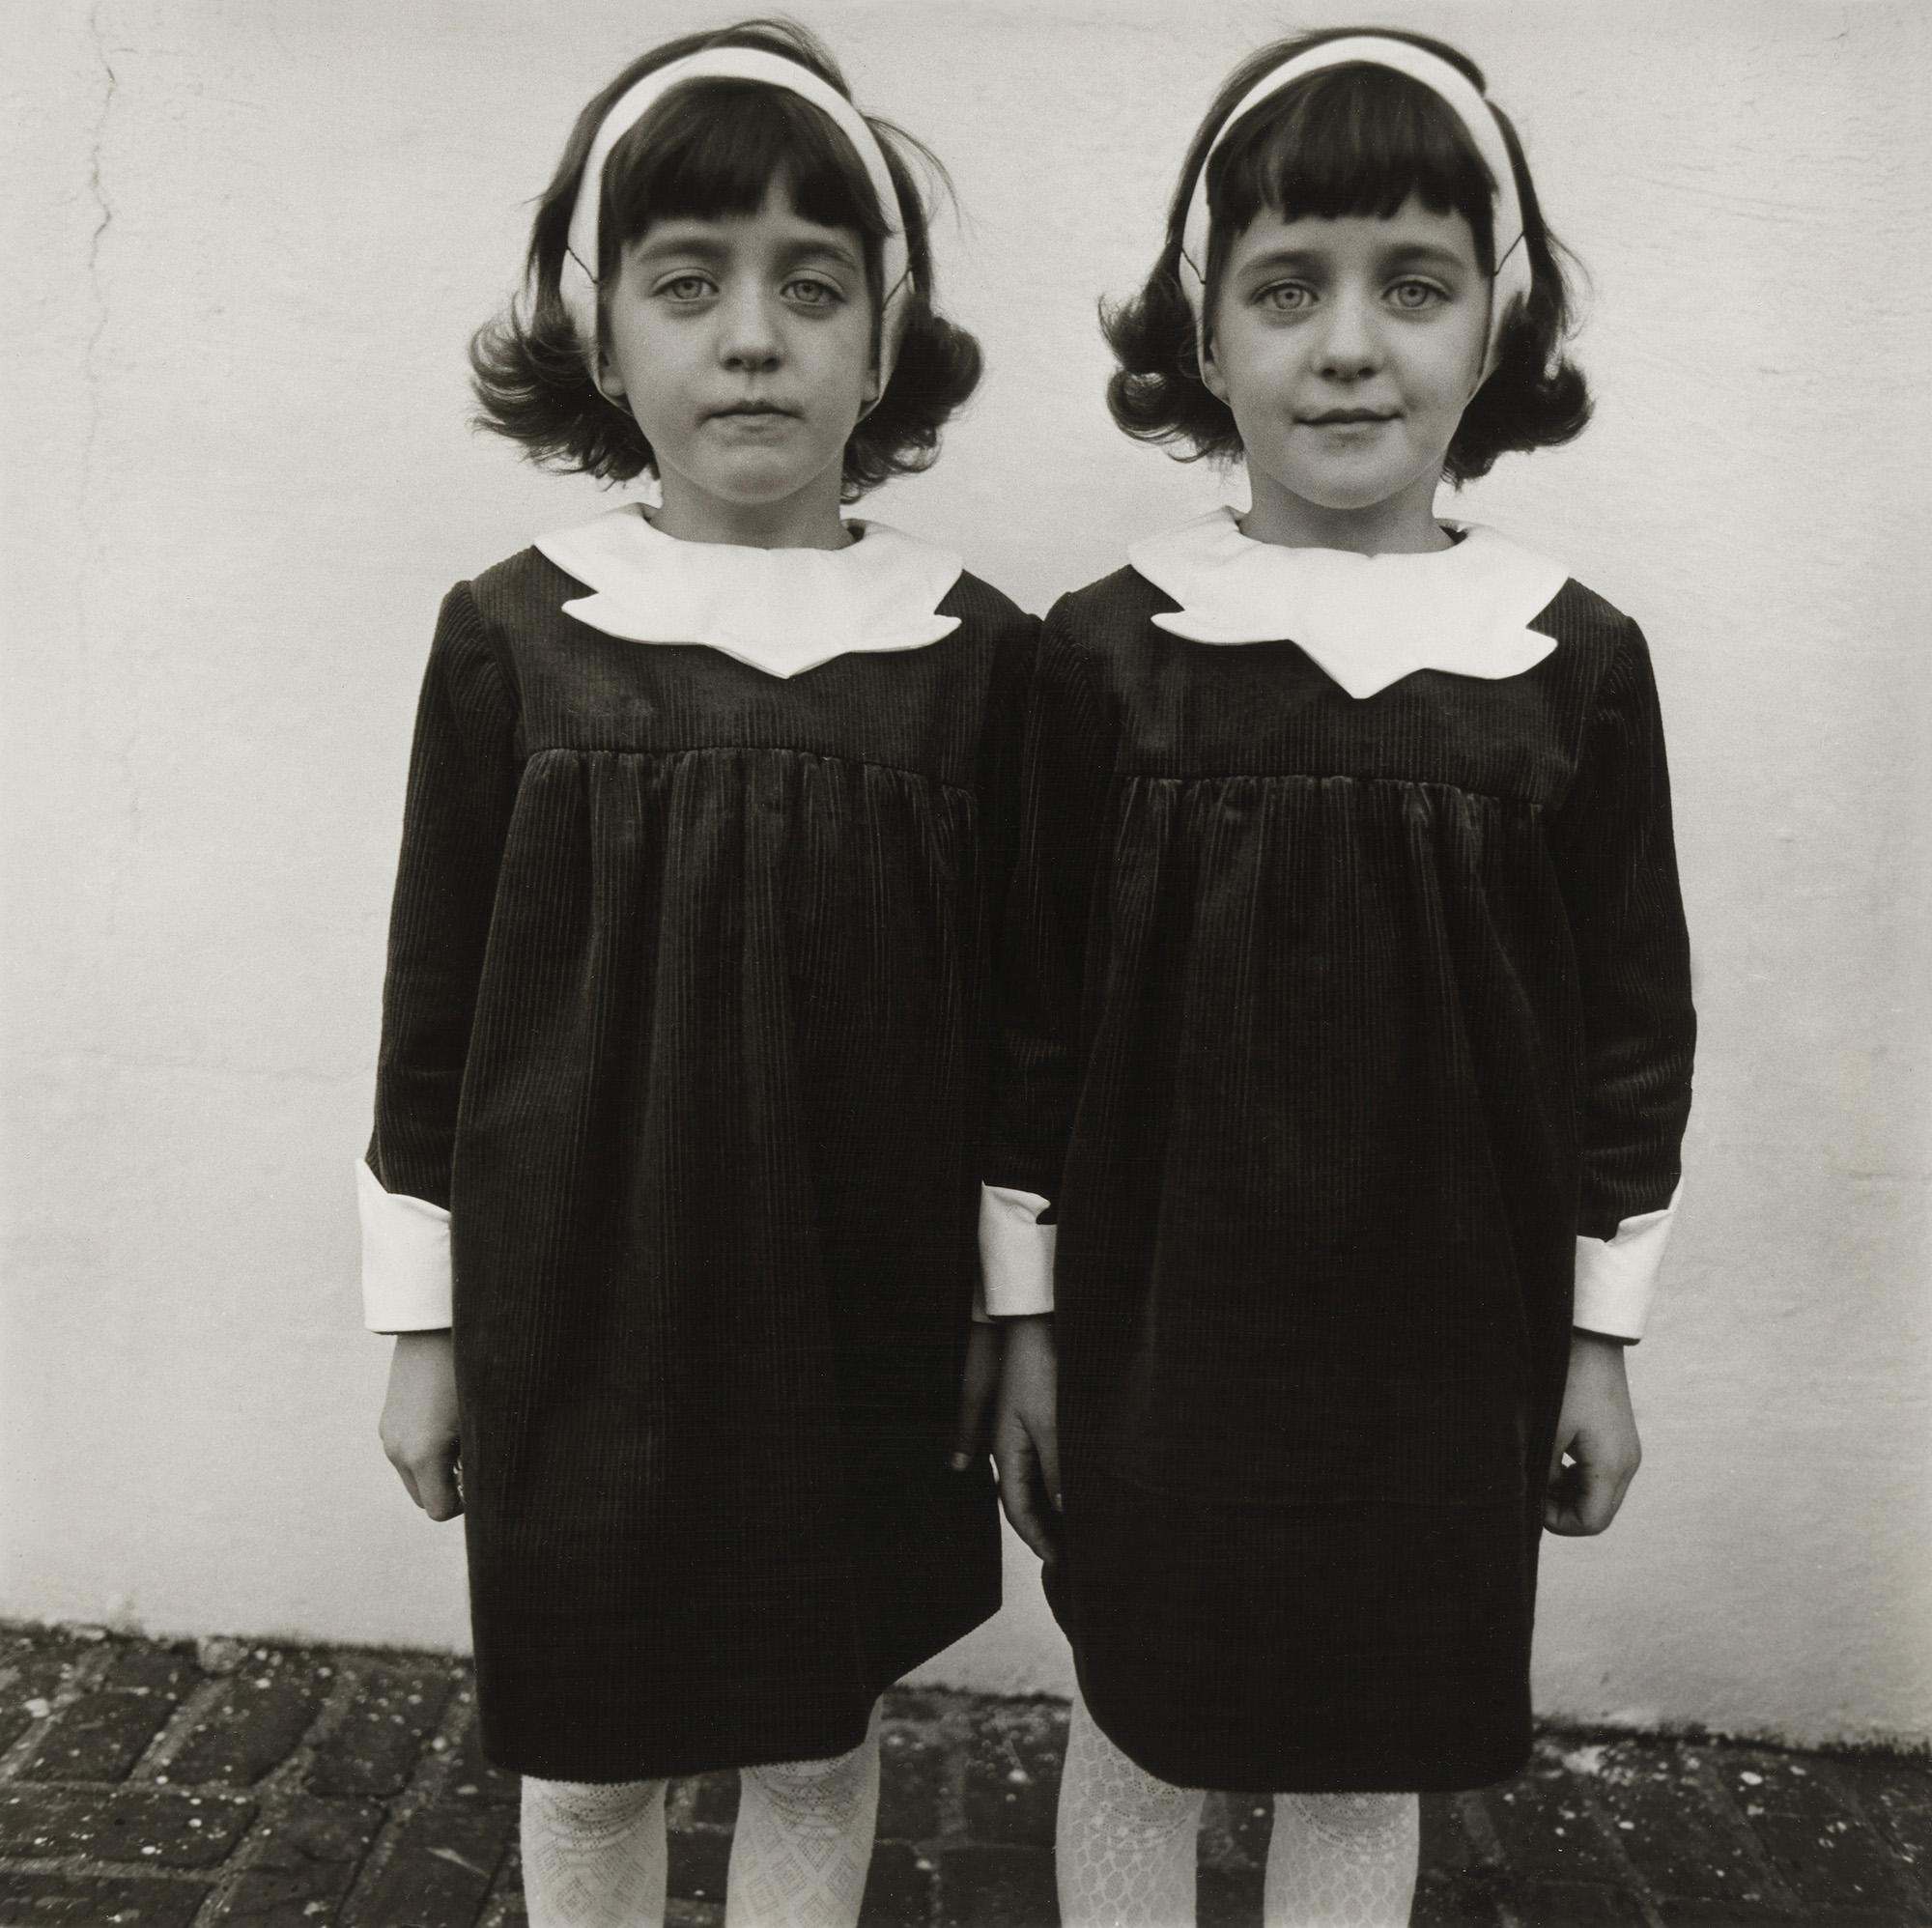 Fotó: Identical Twins, Roselle, N.J., 1967 © Diane Arbus